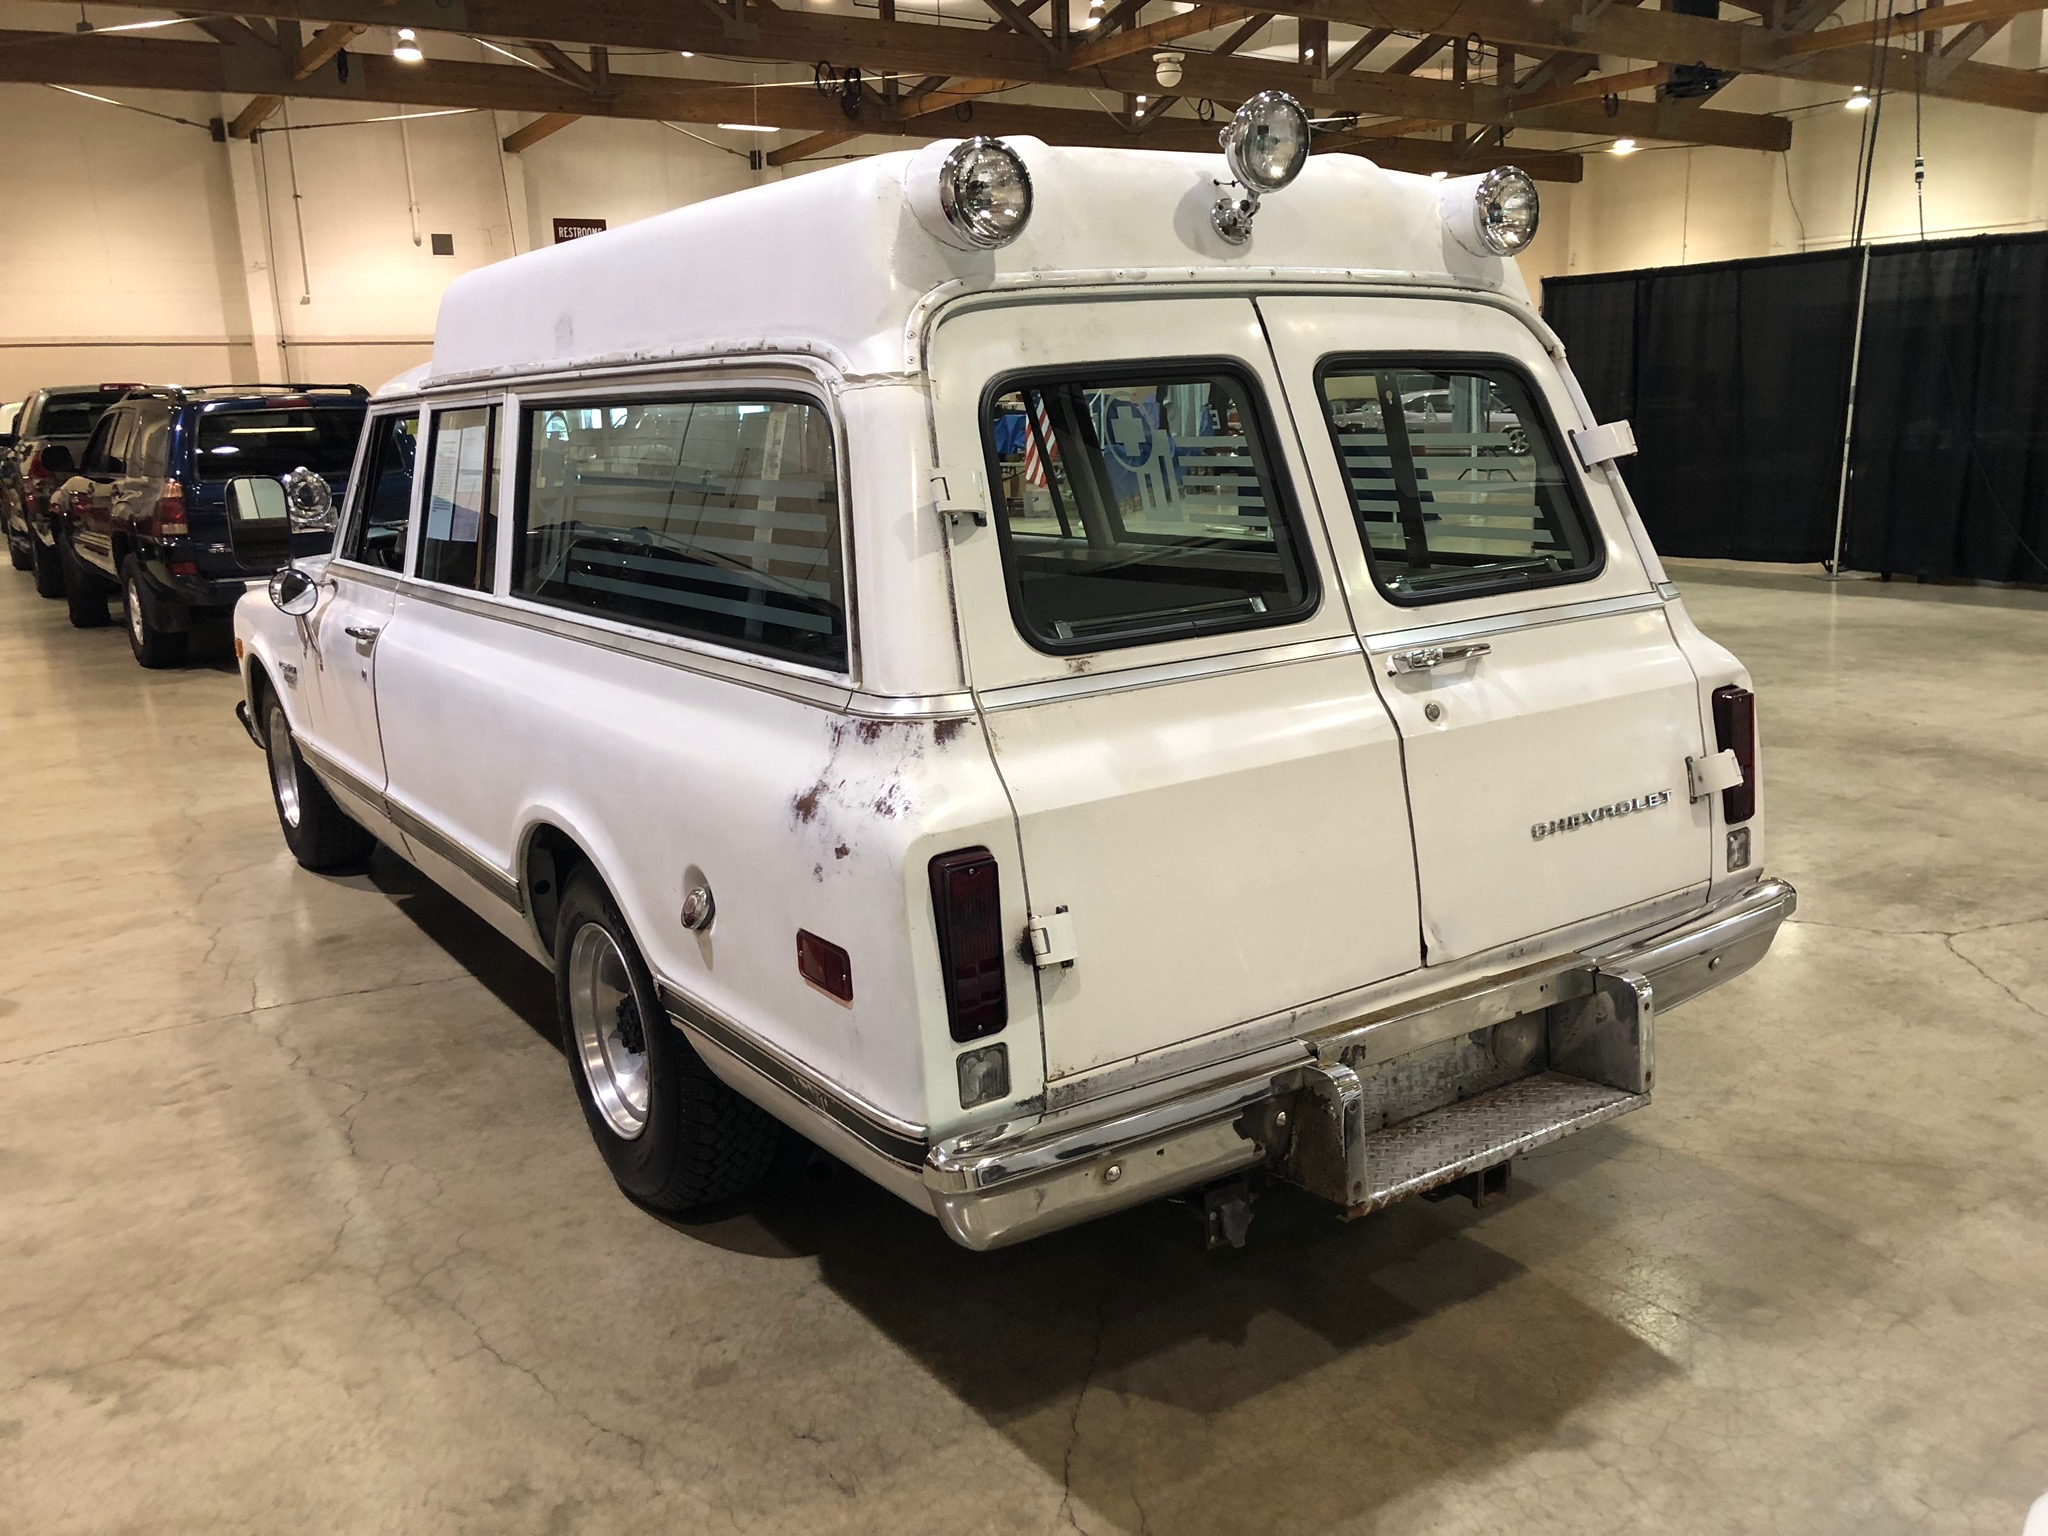 1970 Chevrolet Ambulance